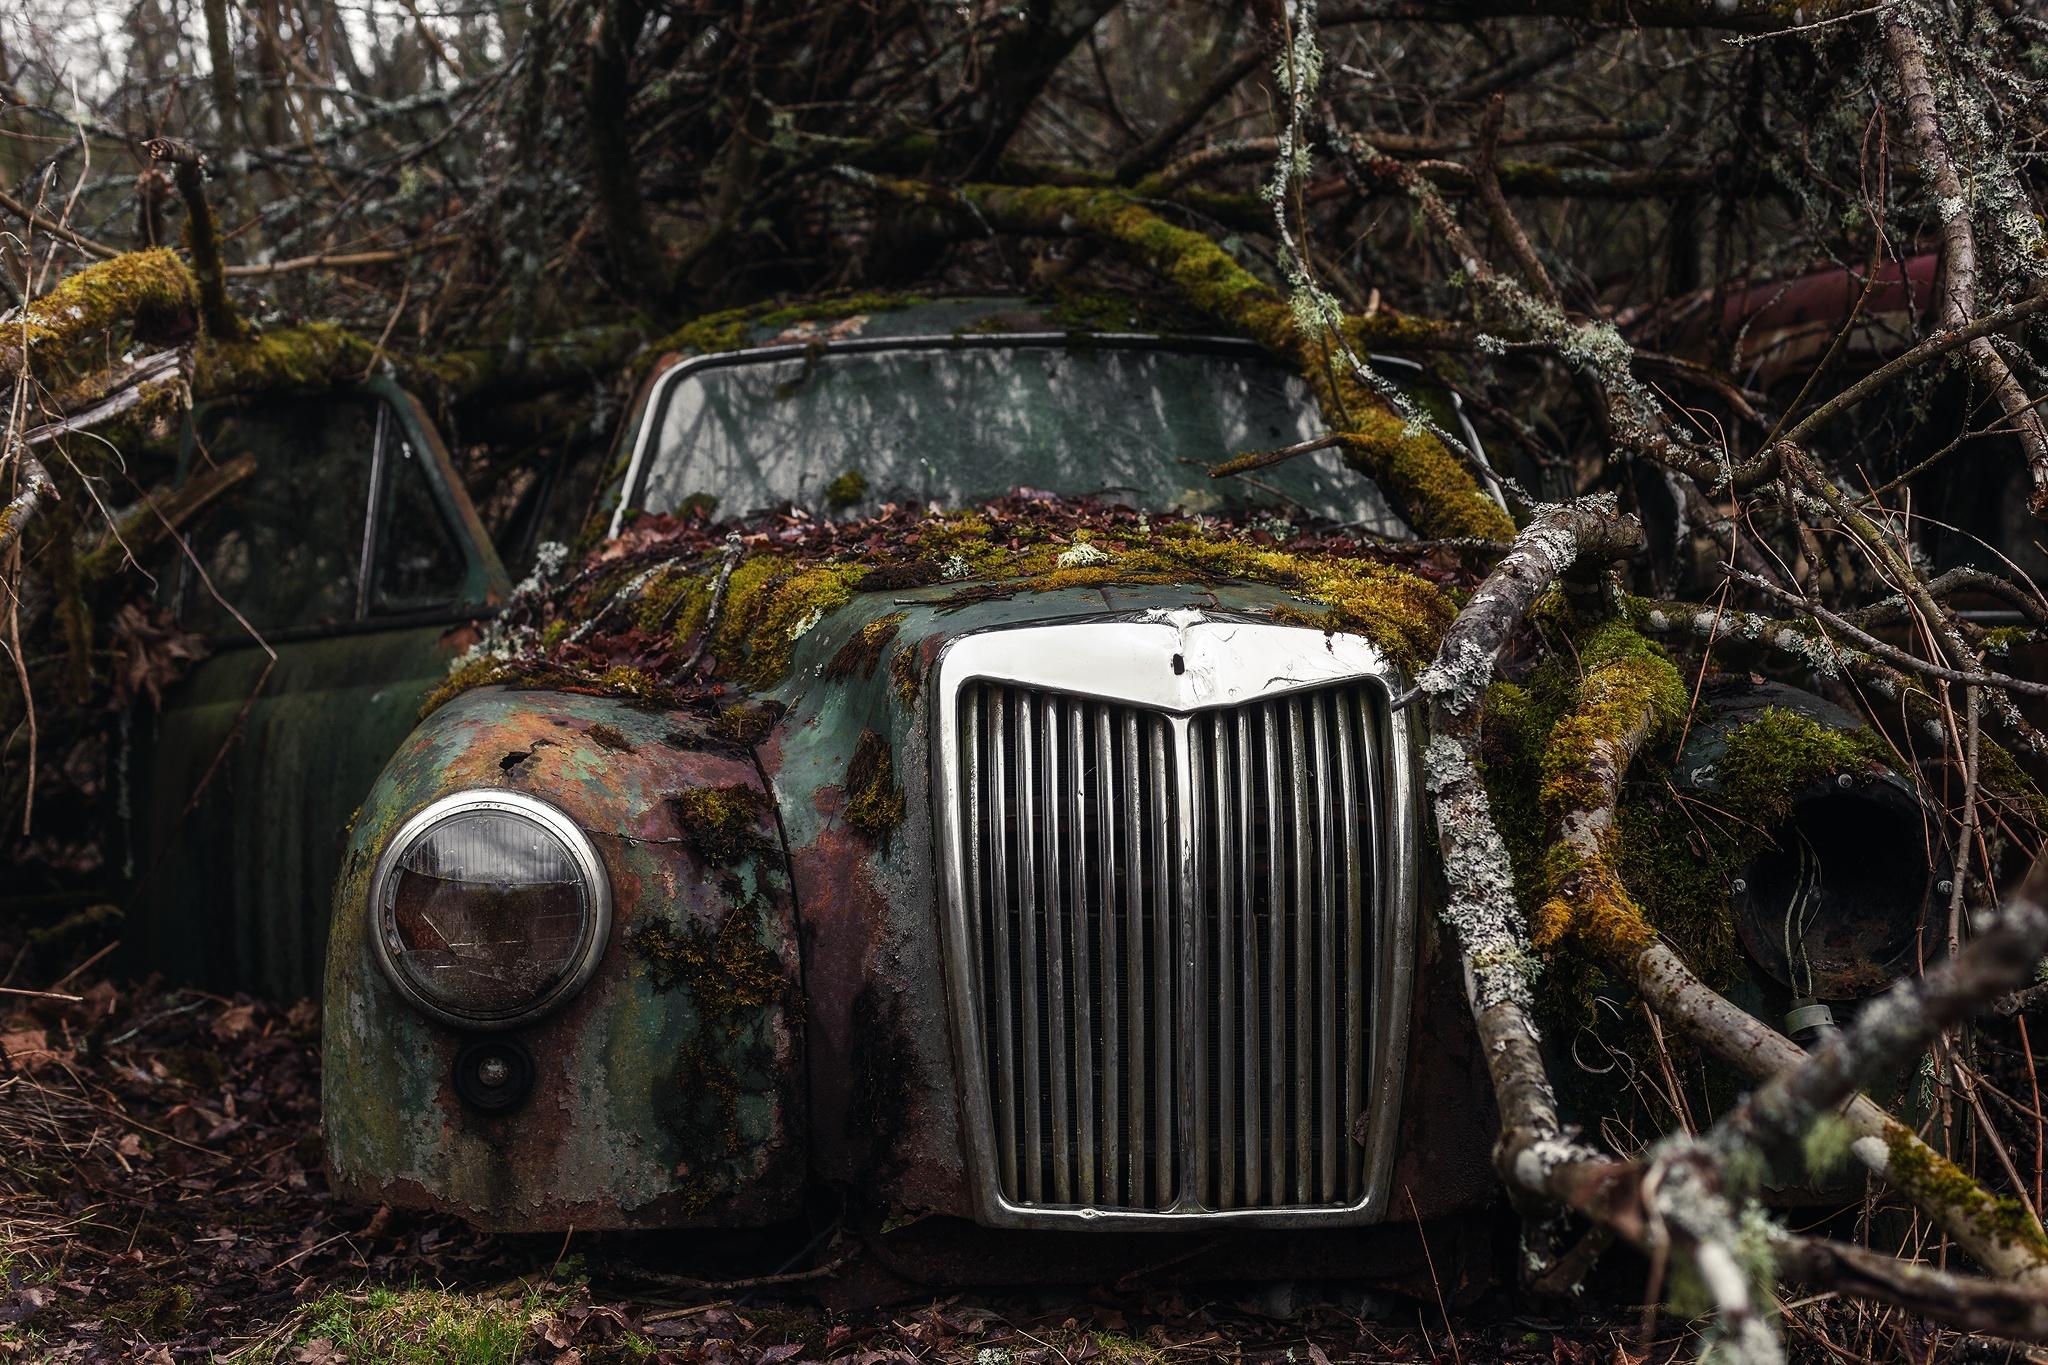 чтобы заброшенные авто редкие фото мох процедурой стоит